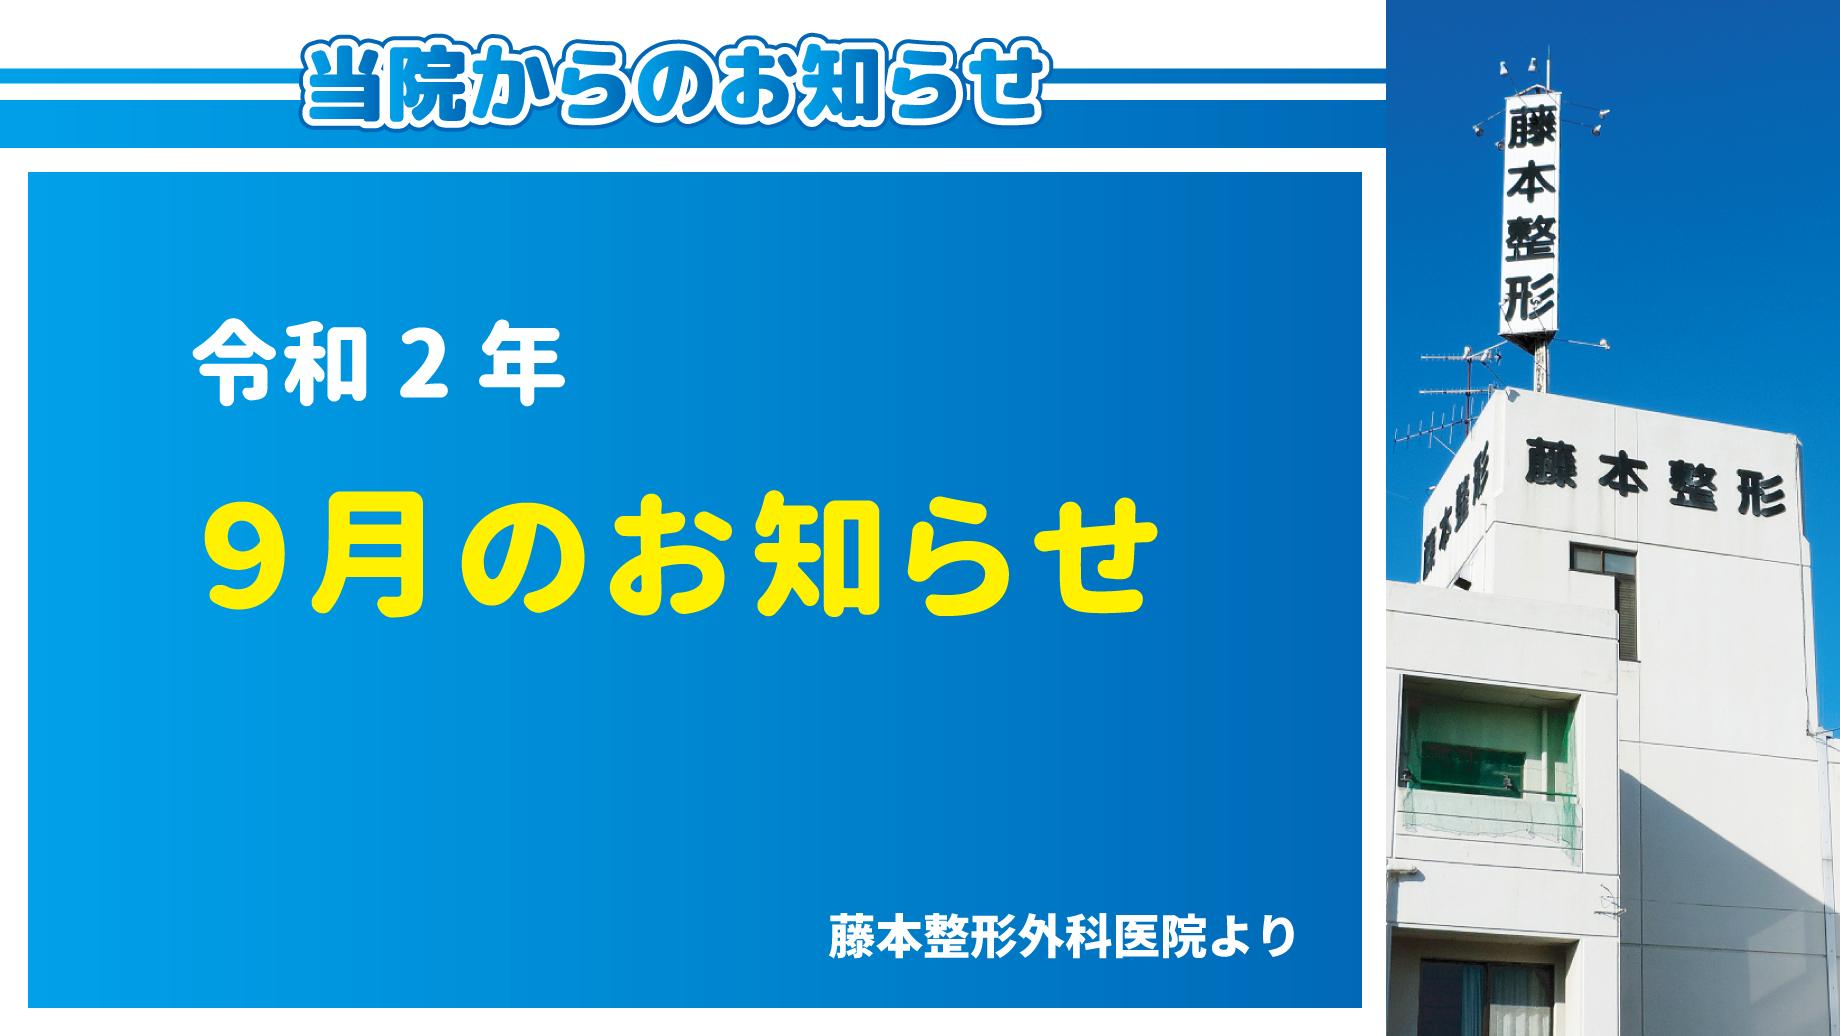 令和2年9月のお知らせ(大分の藤本整形外科医院より)